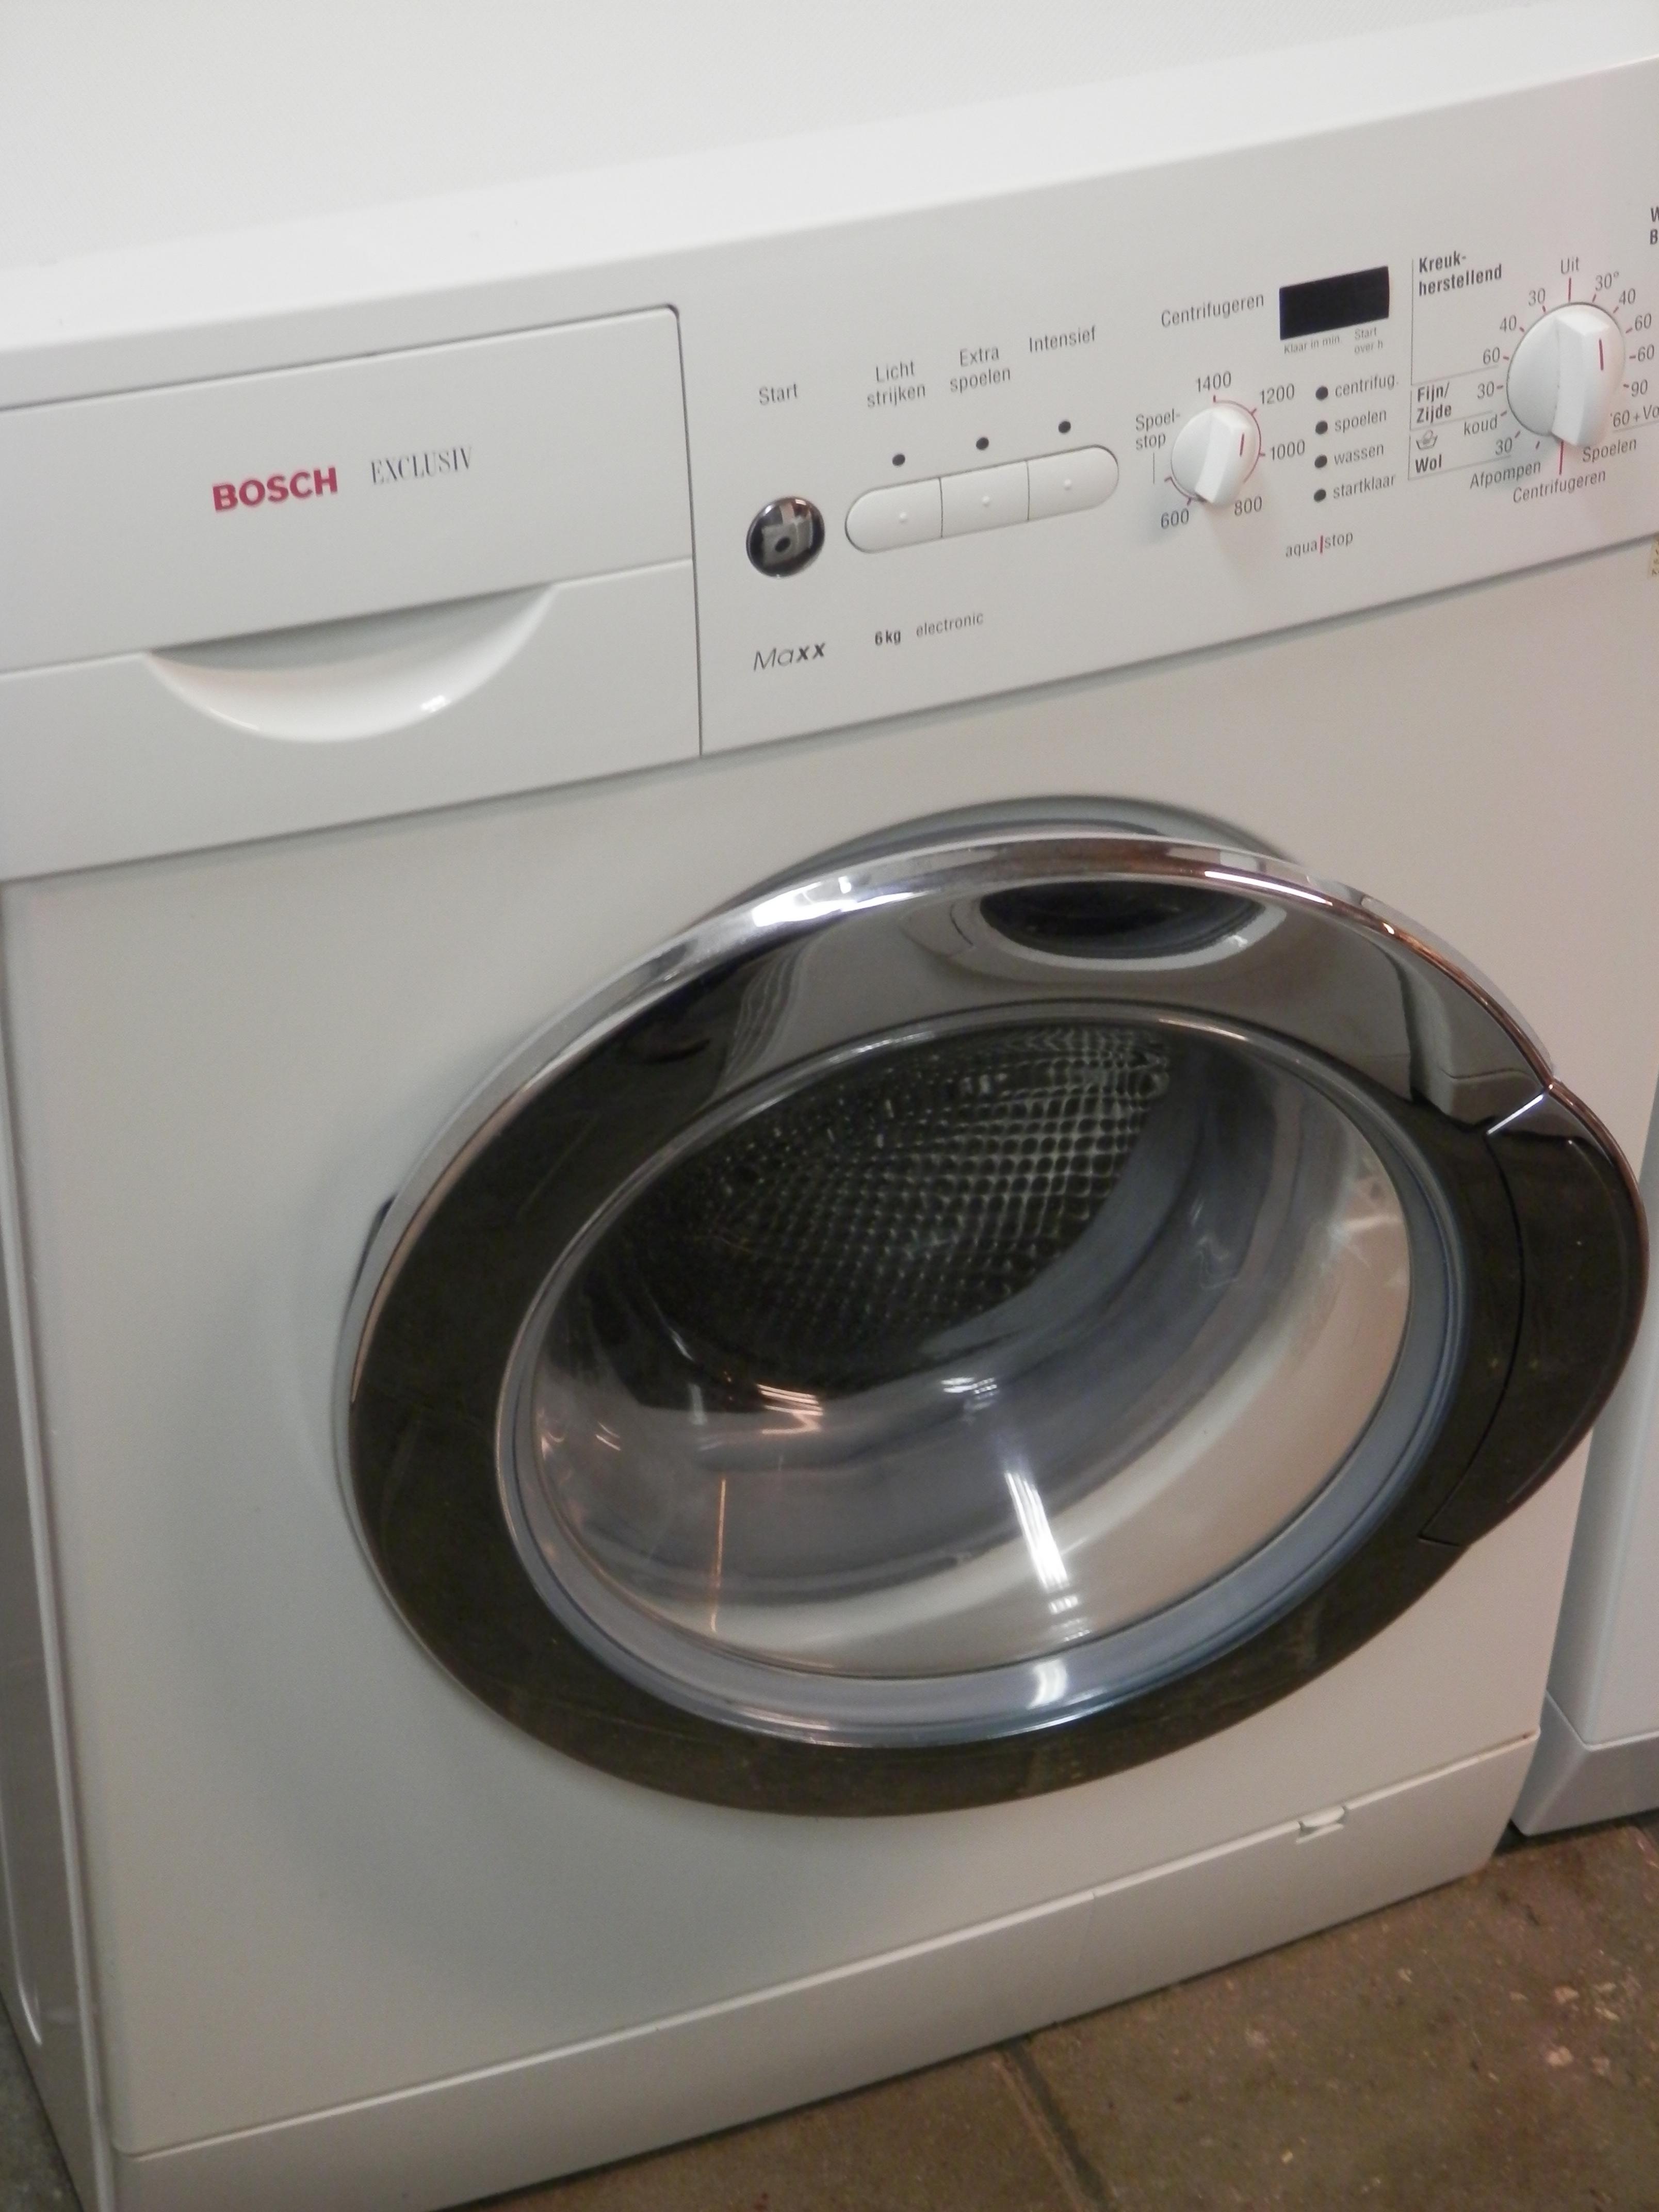 tweedehands bosch exclusiv maxx wf0141anl tweedehands wasmachines de haan witgoed friesland. Black Bedroom Furniture Sets. Home Design Ideas